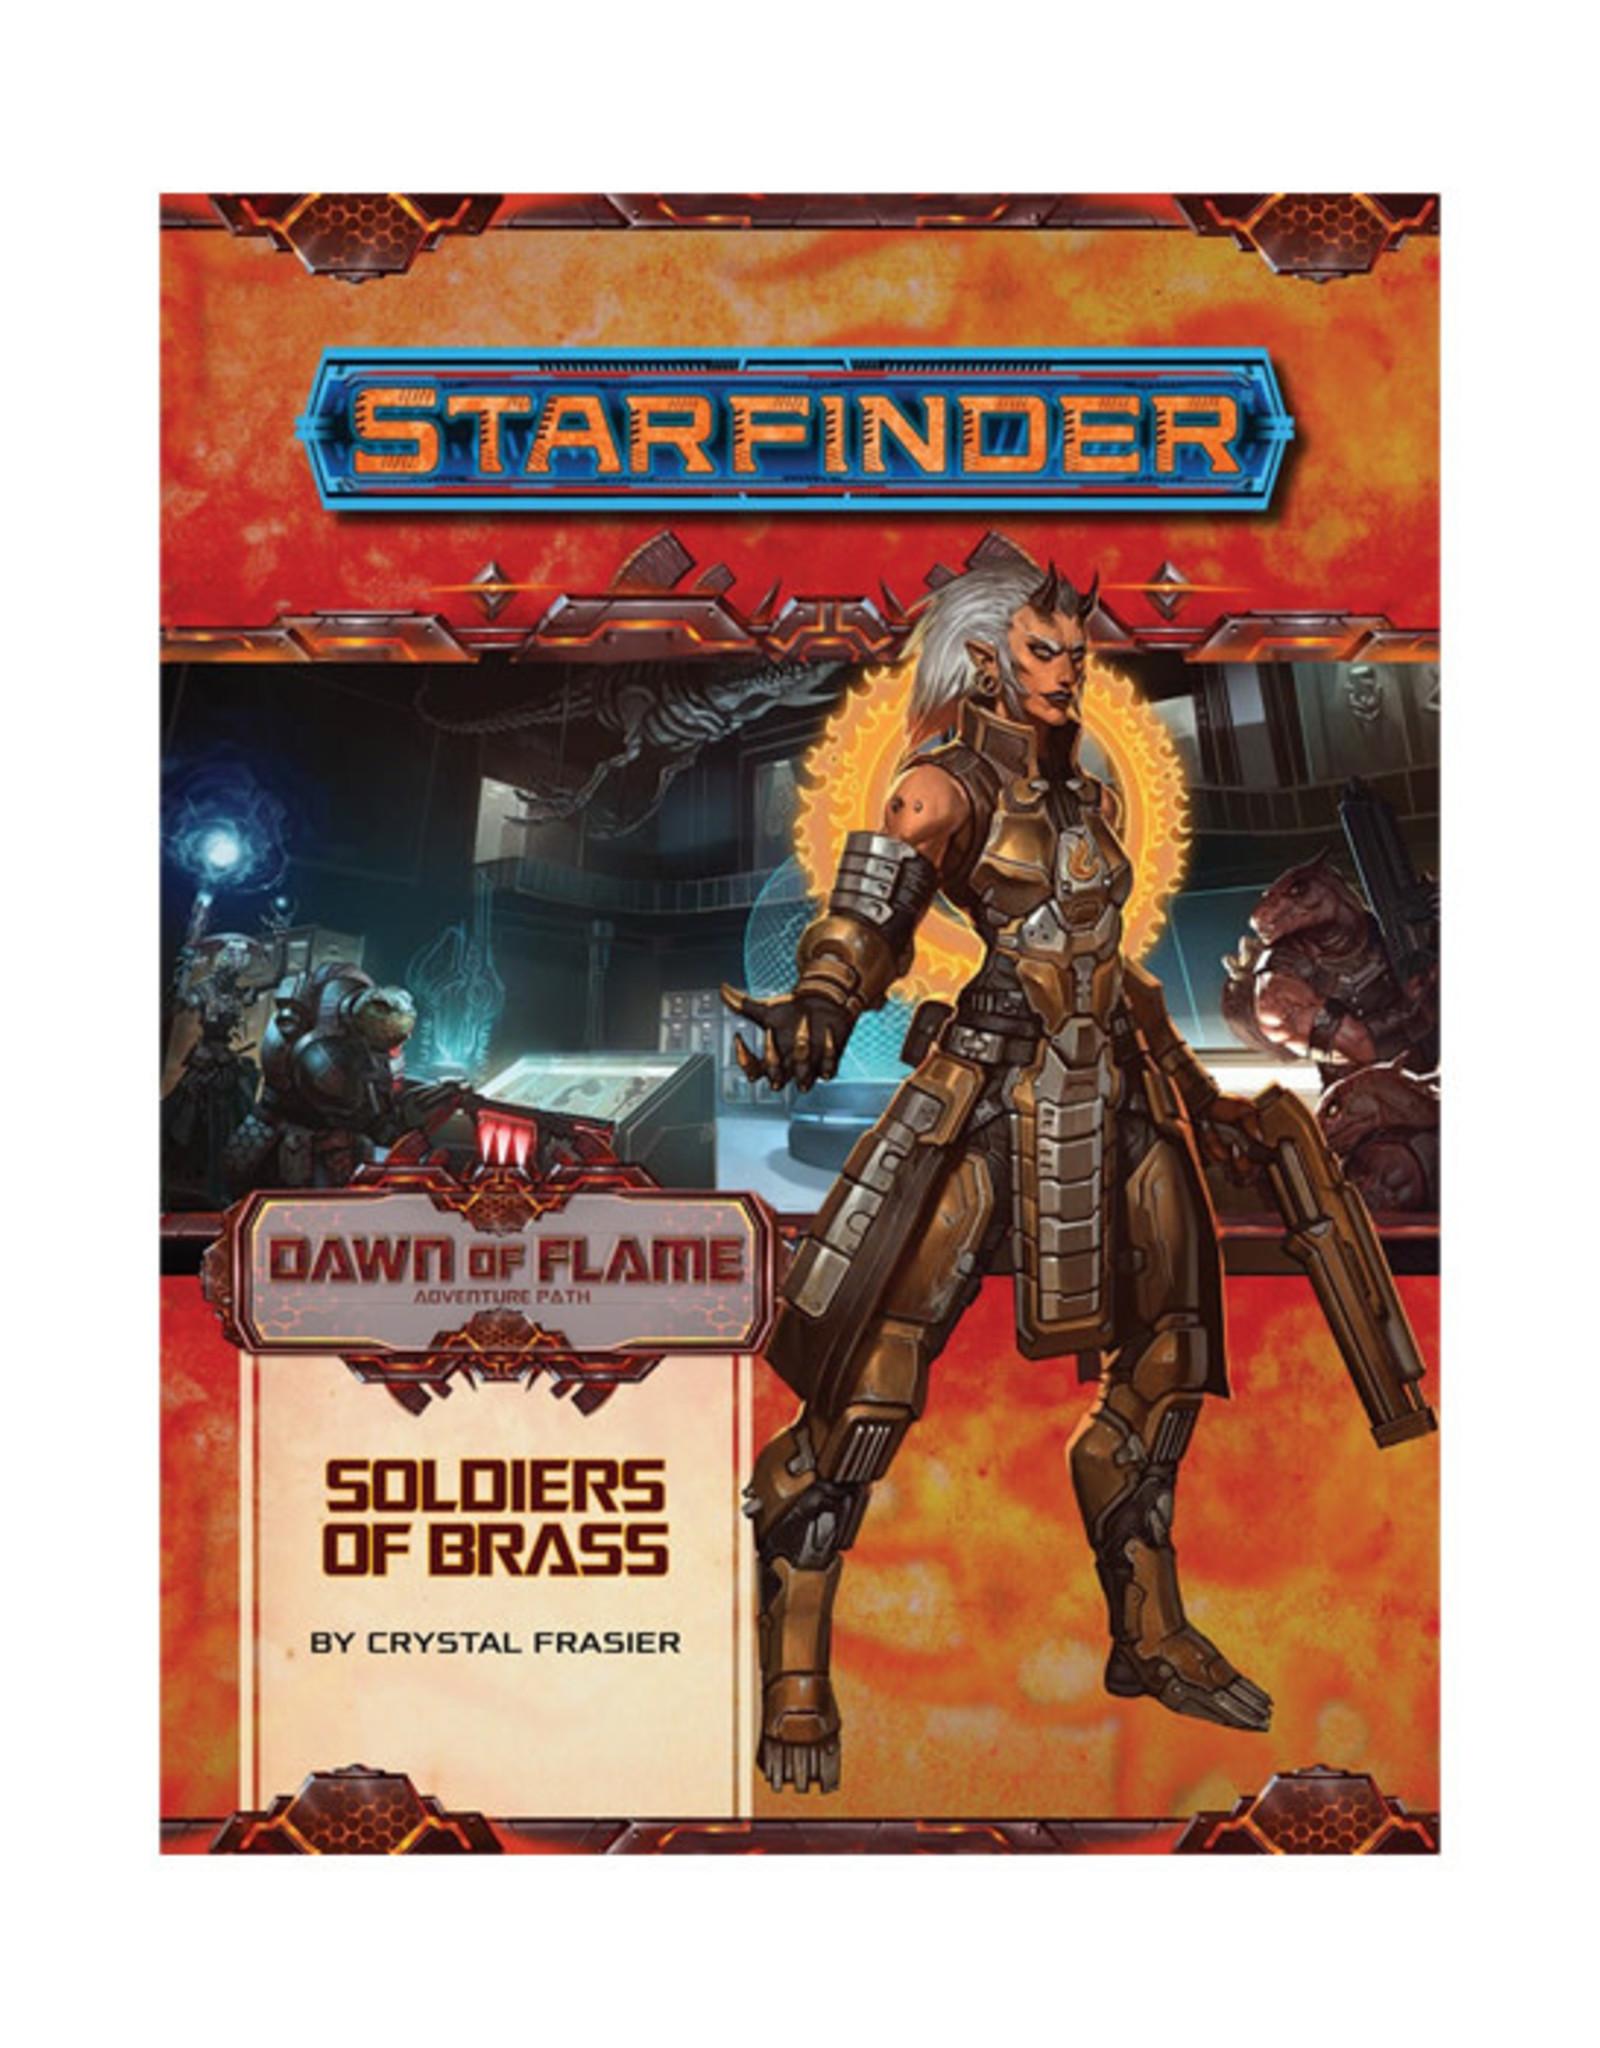 Starfinder Starfinder: Adventure Path - Dawn of Flame - Soldiers of Brass